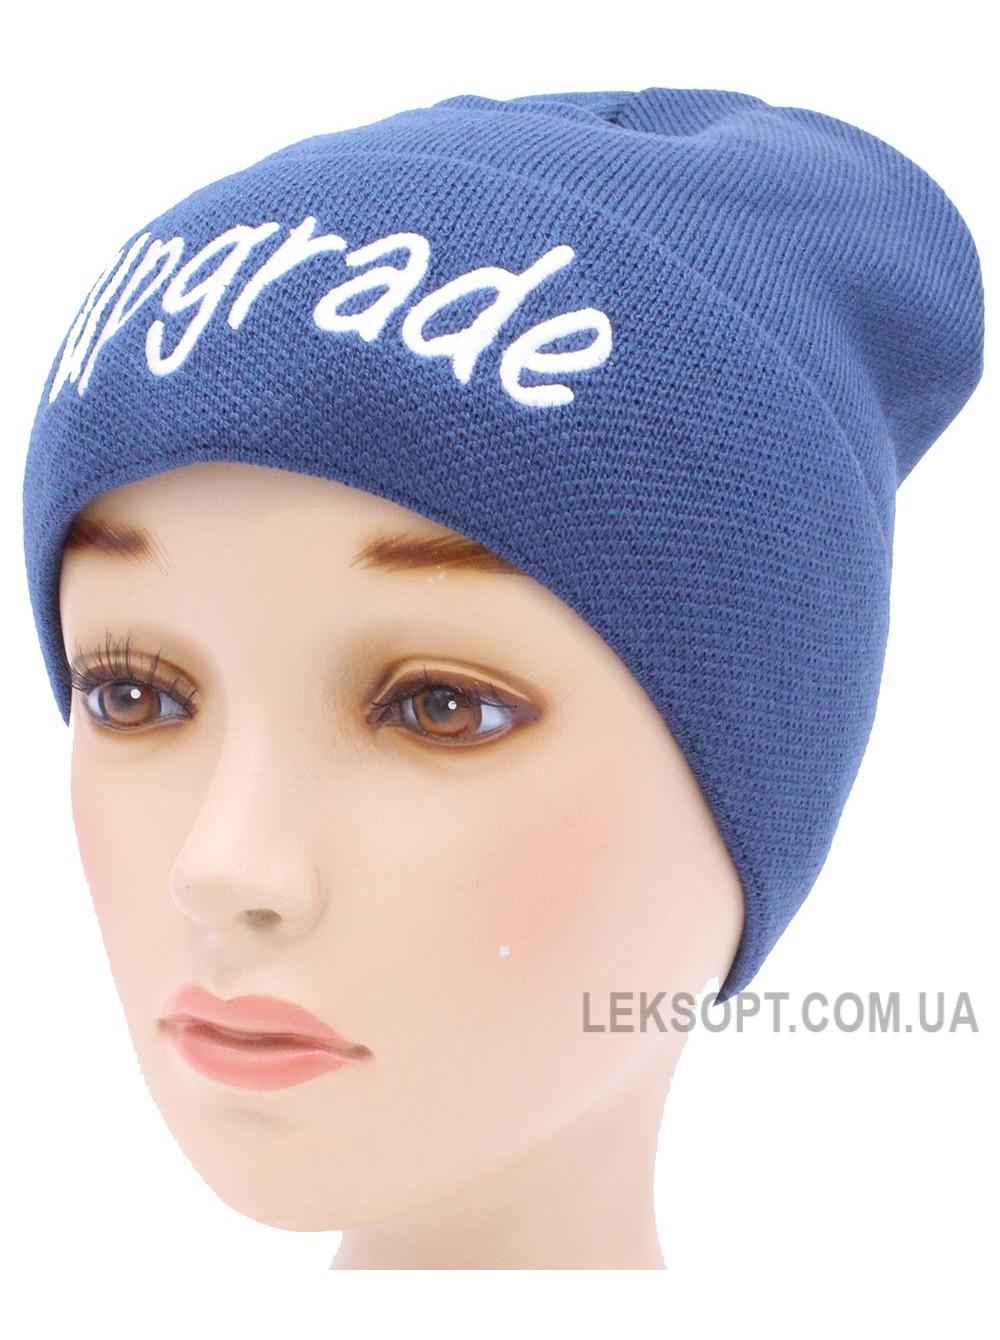 Детская вязаная шапка Апгрейд D55429-50-54